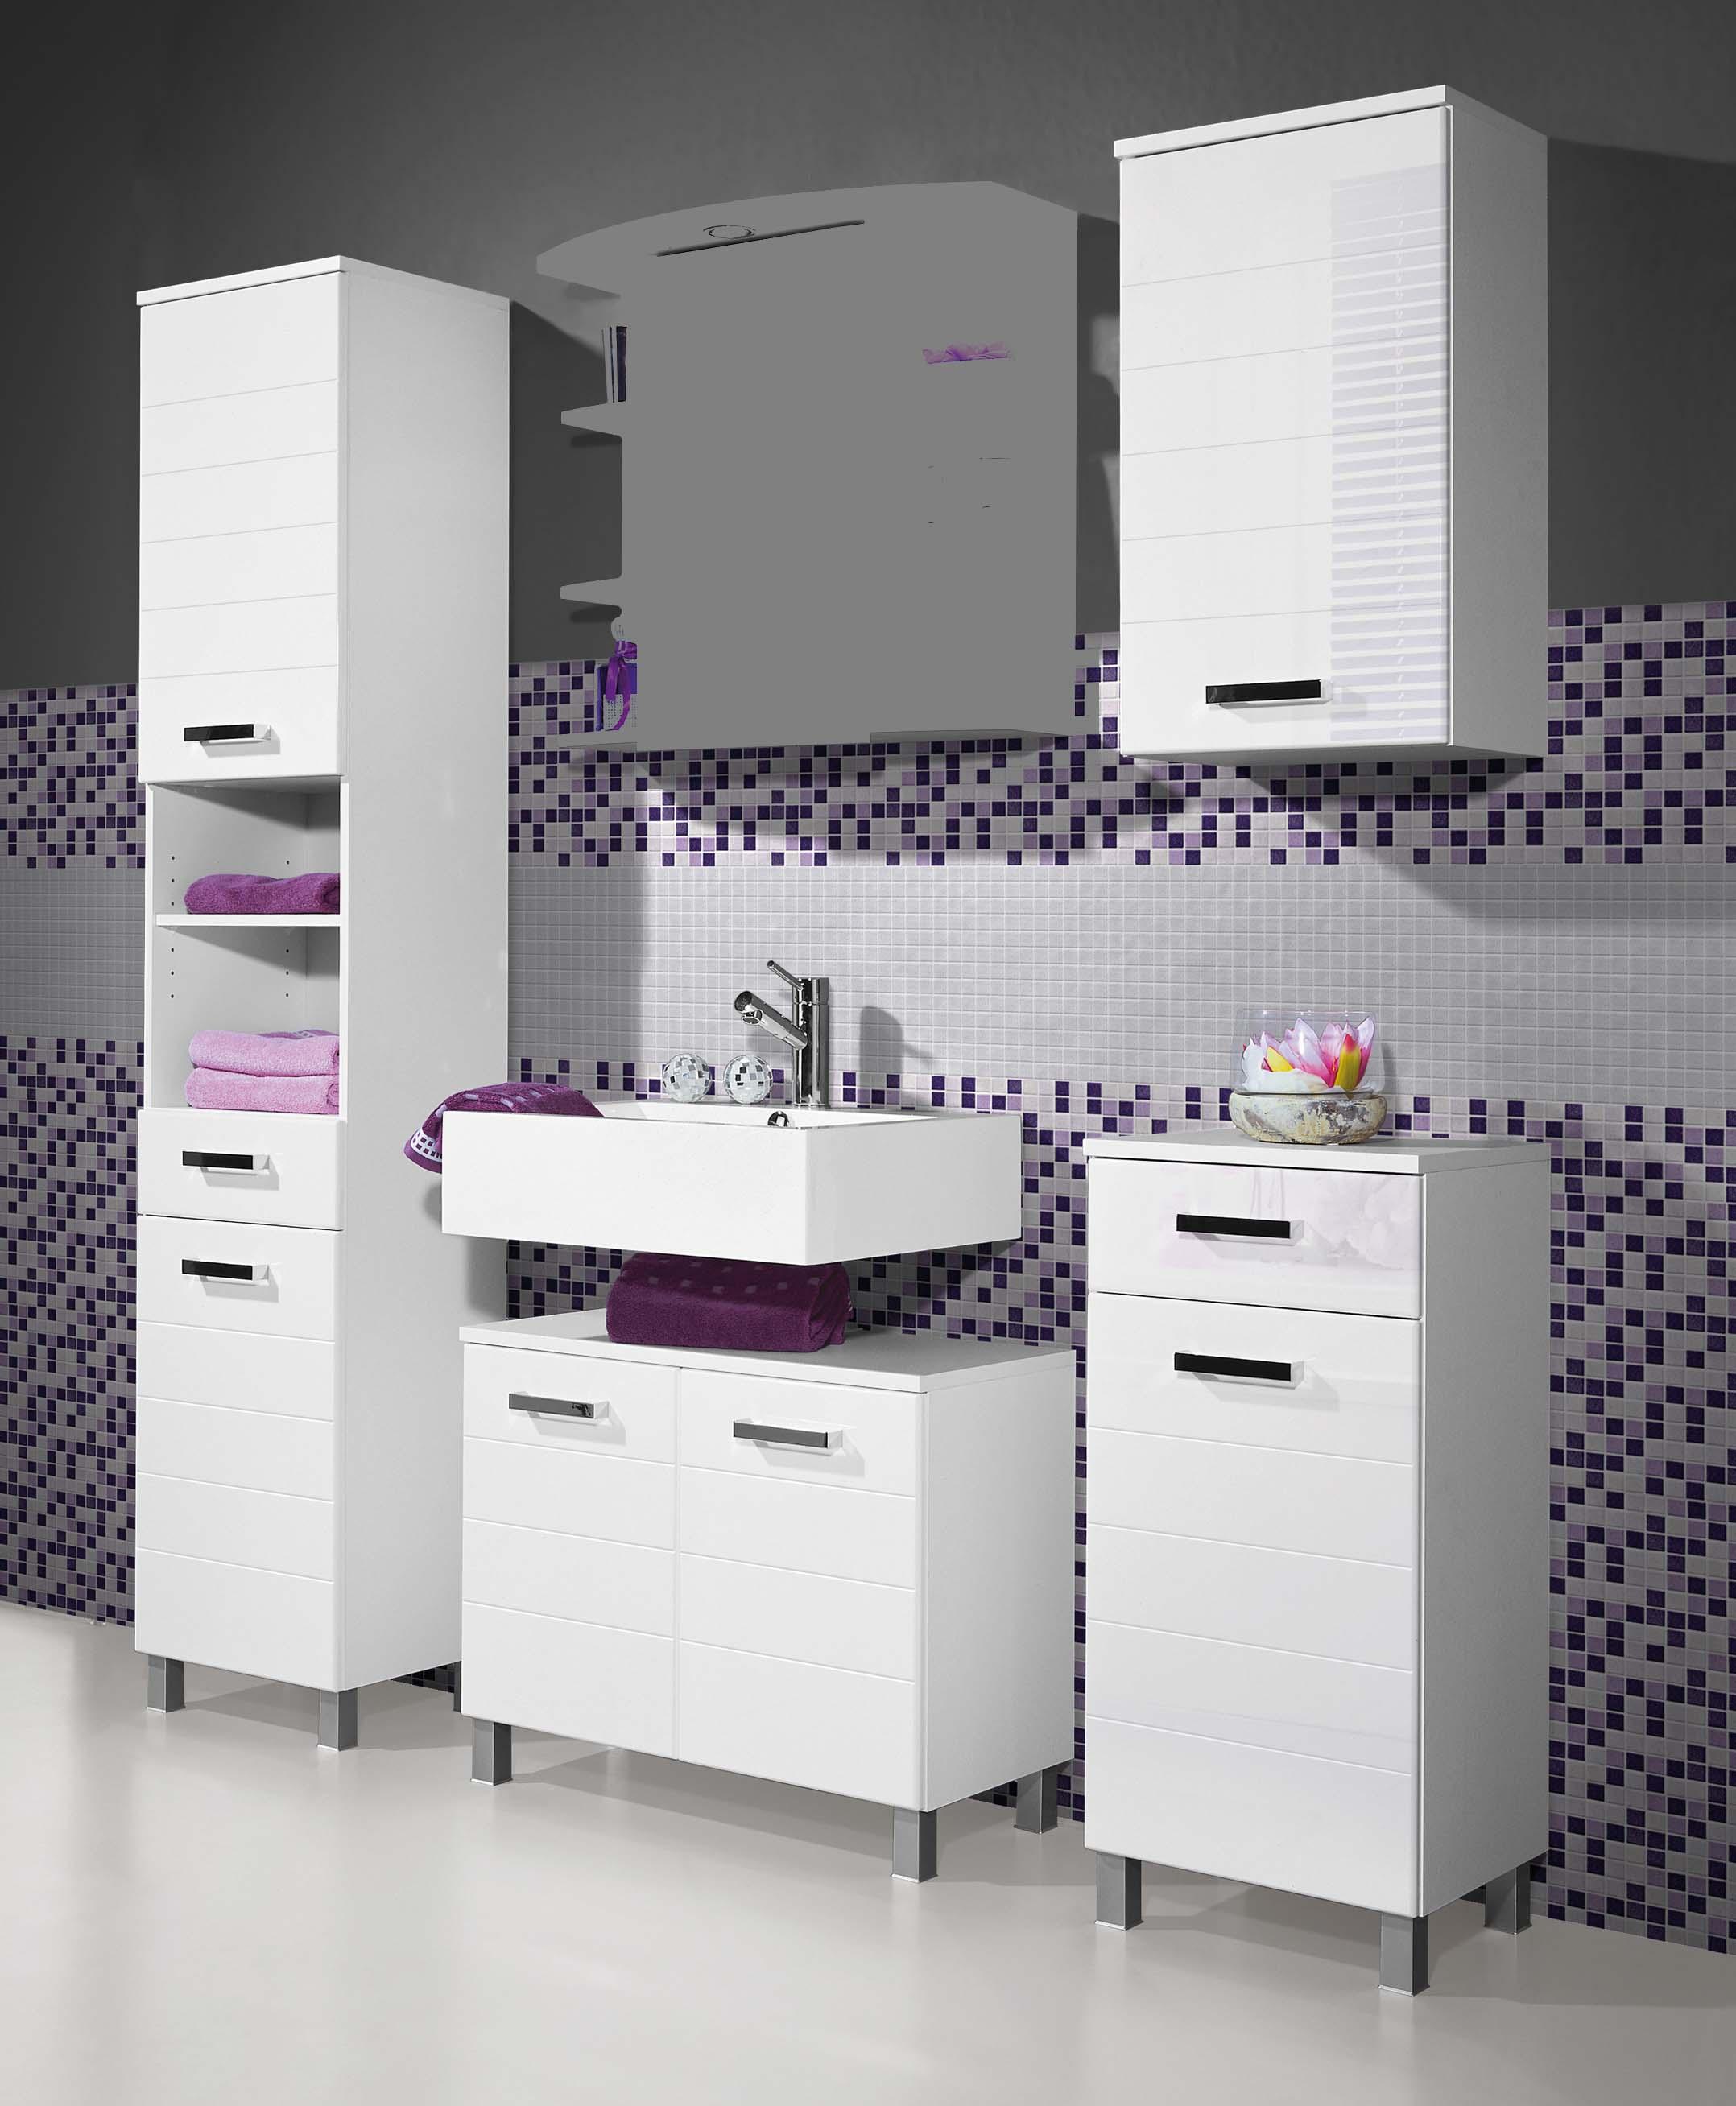 badezimmerm bel badm bel set weiss mdf hochglanz mit spiegelschrank unterschrank ebay. Black Bedroom Furniture Sets. Home Design Ideas